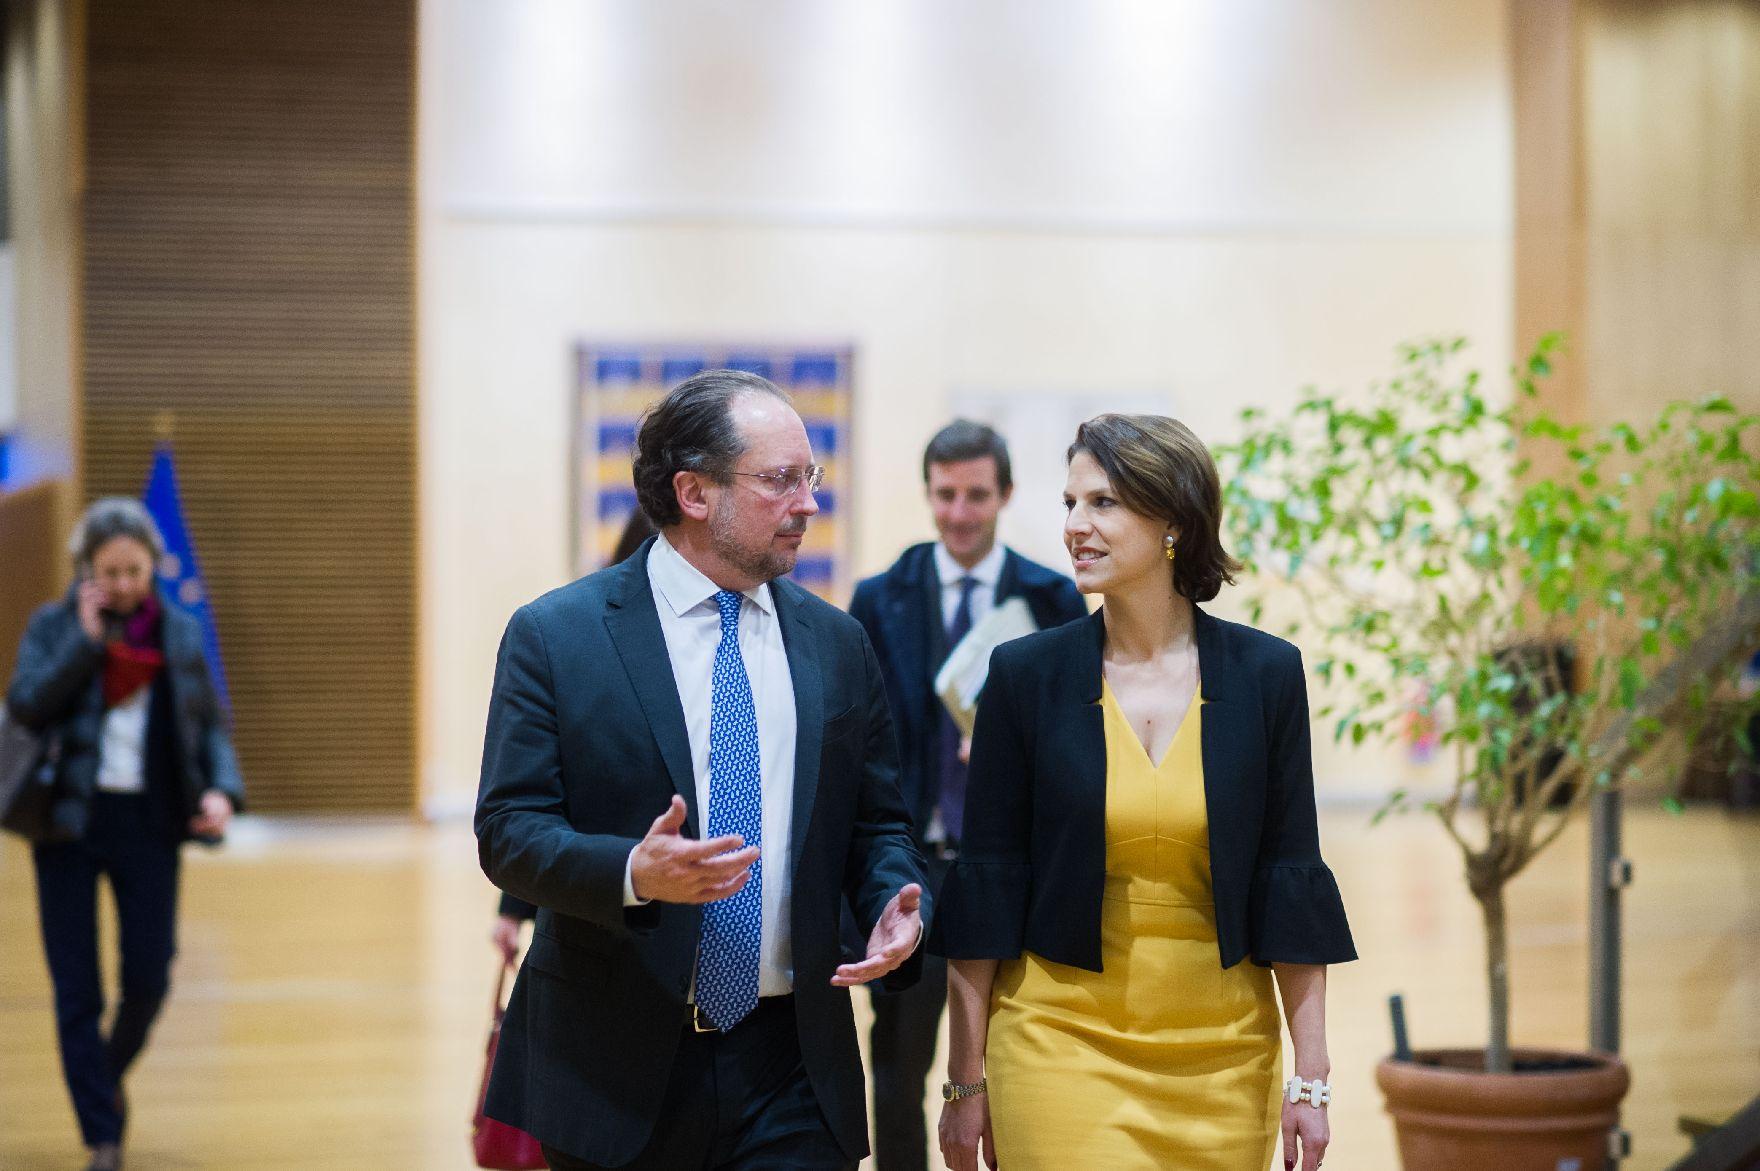 Επίσκεψη σε Τίρανα, Βελιγράδι και Πρίστινα πραγματοποιούν οι Αυστριακοί Υπουργοί Εξωτερικών και Ευρωπαϊκών Υποθέσεων